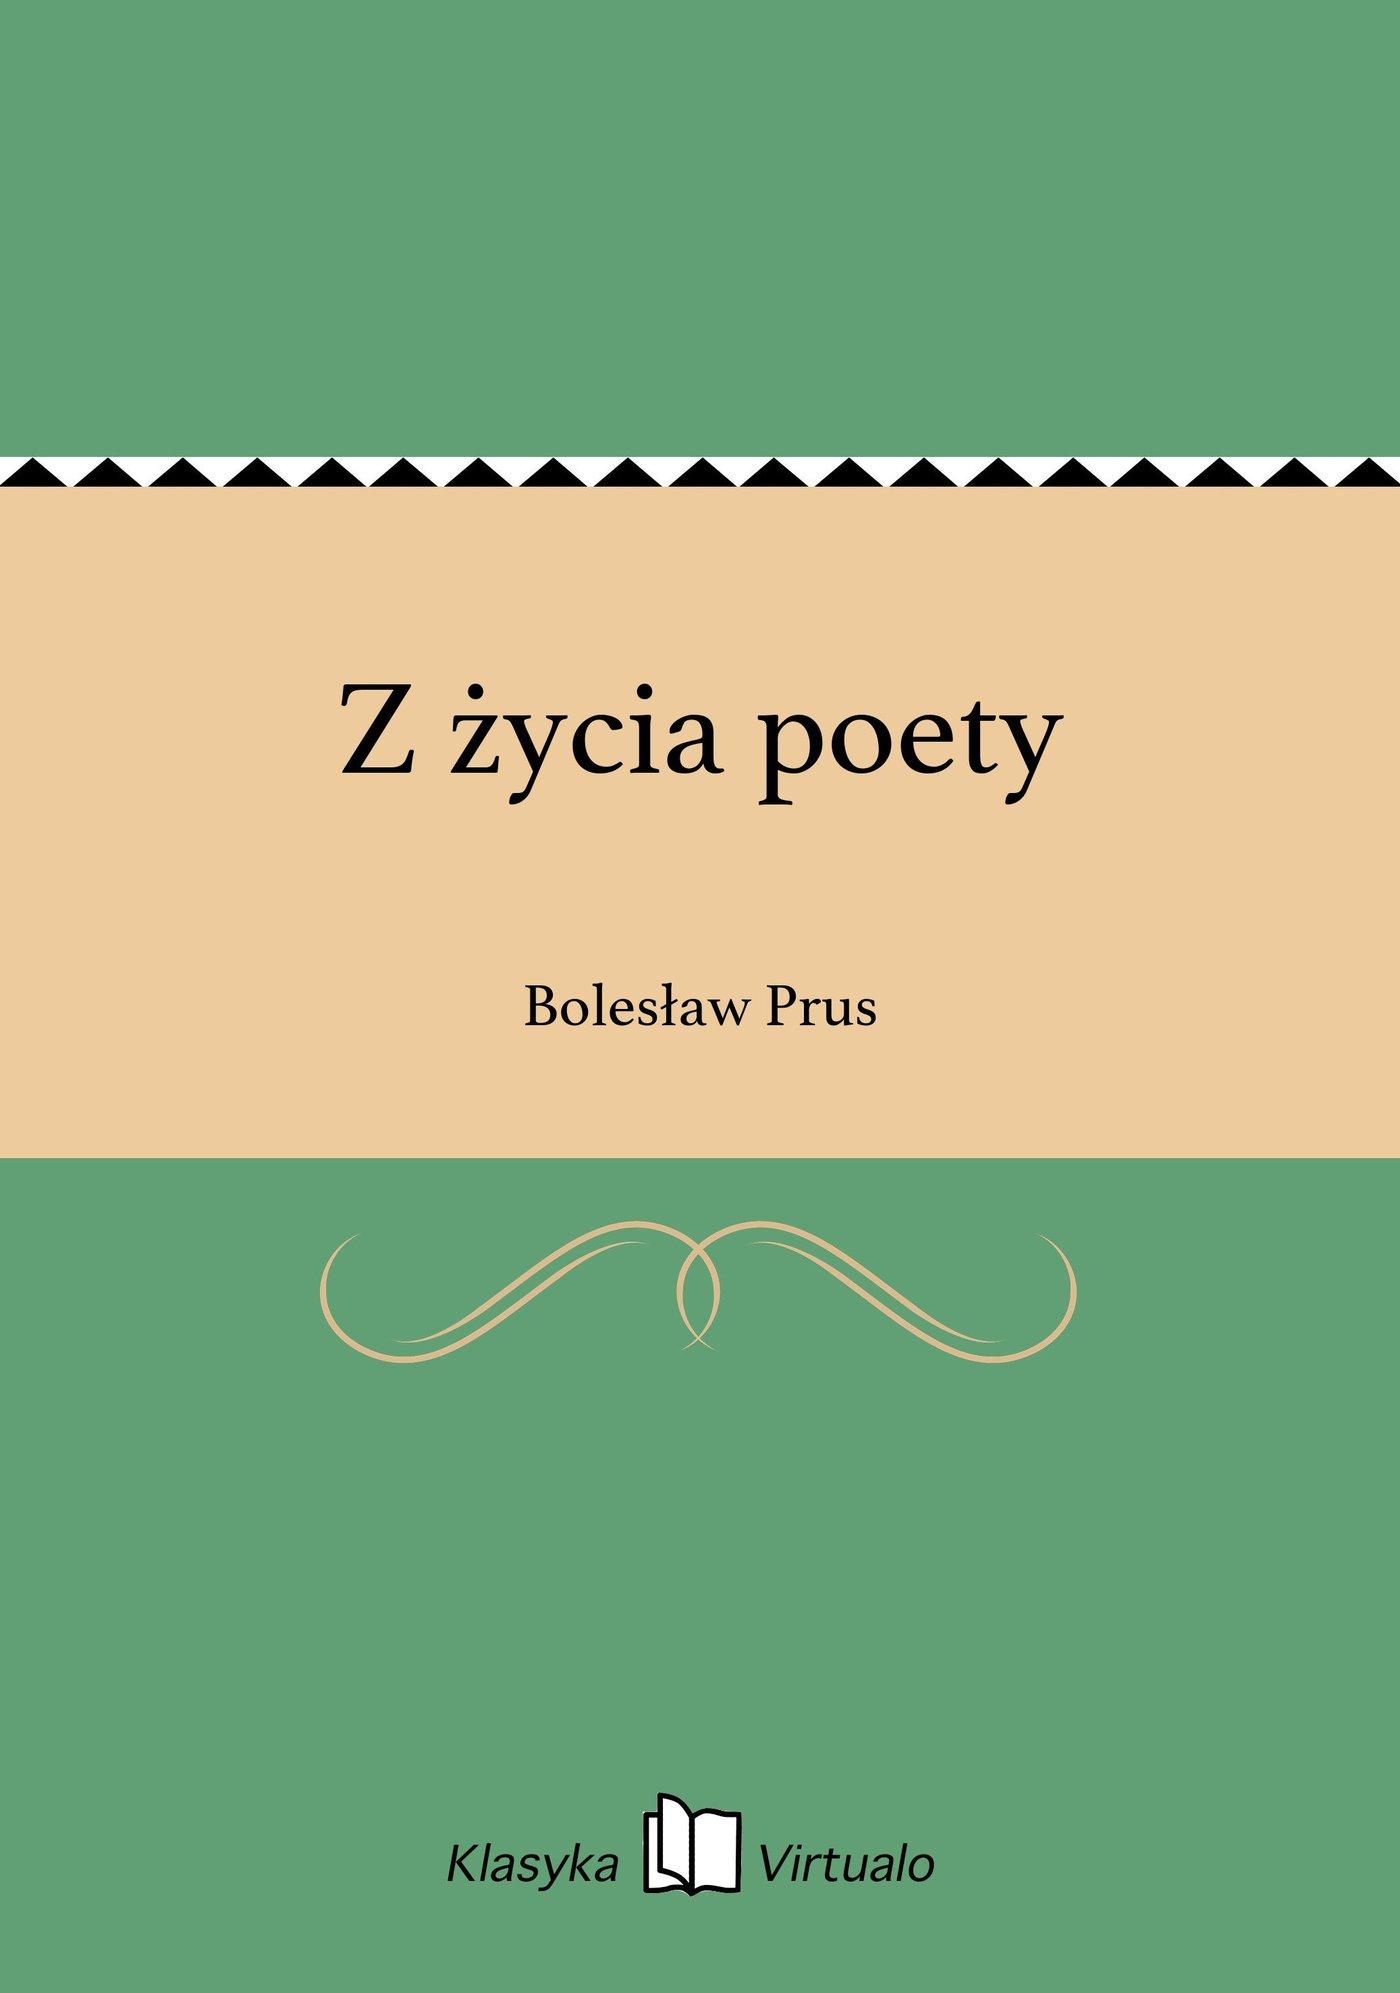 Z życia poety - Ebook (Książka EPUB) do pobrania w formacie EPUB